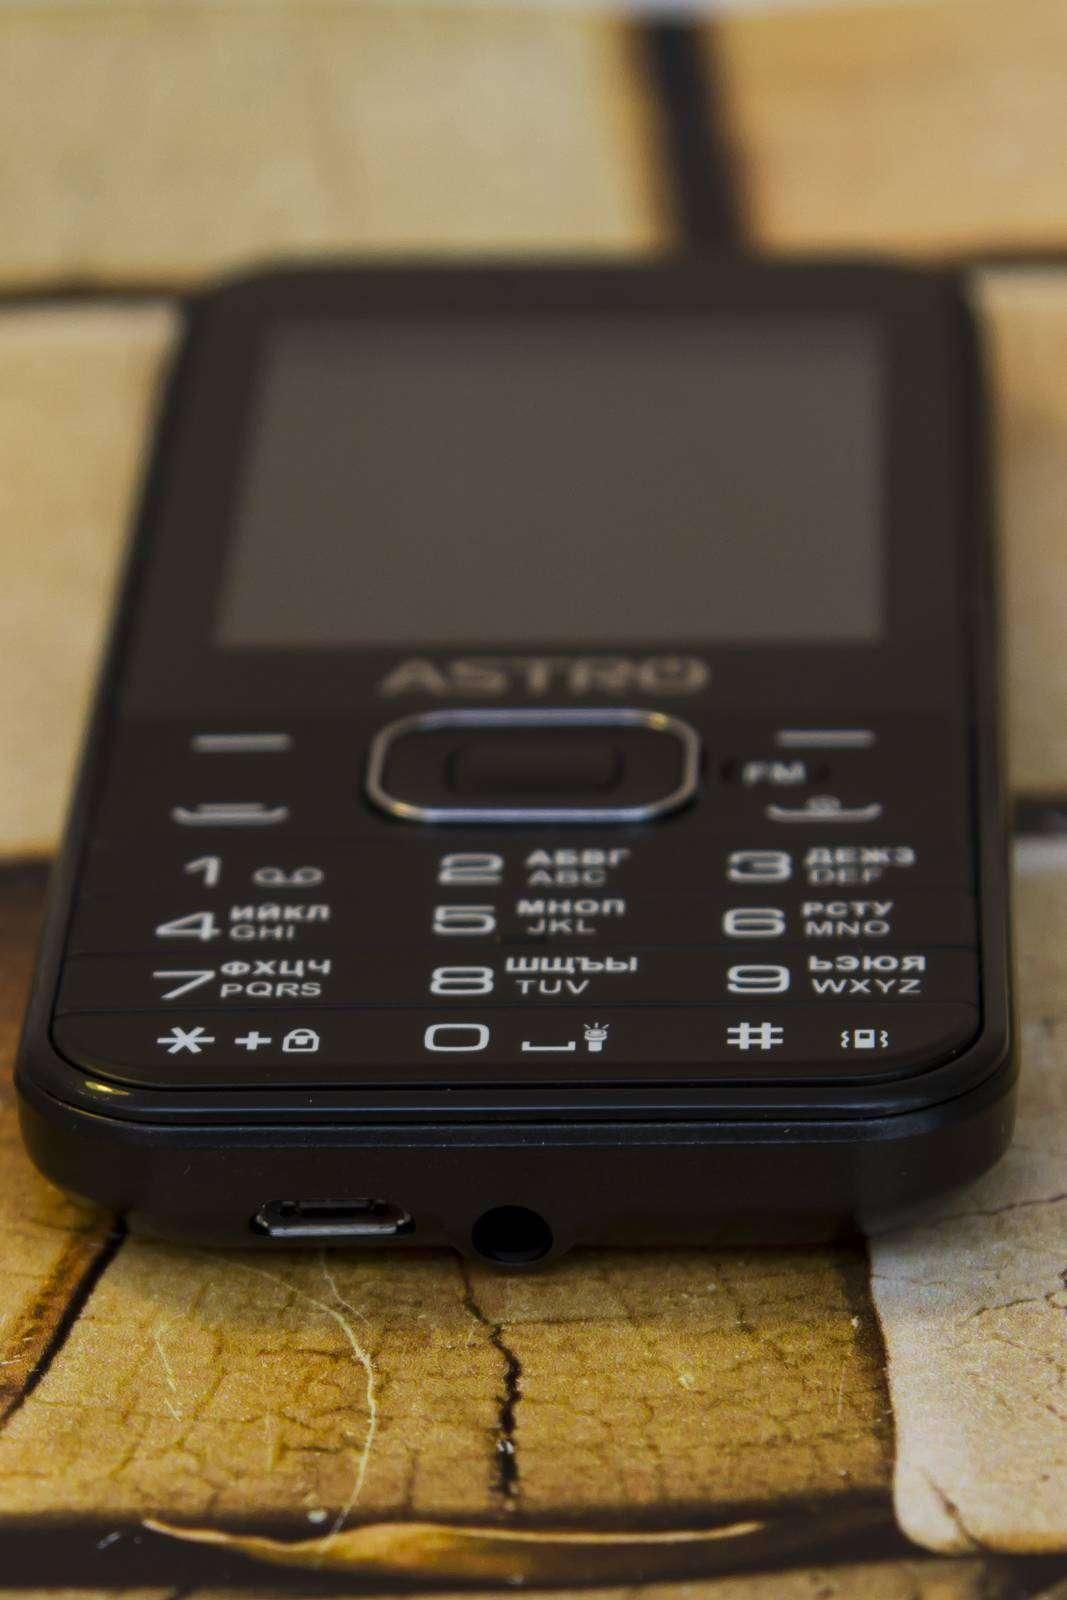 Розетка: Обзор двухсимочной звонилки Astro A240